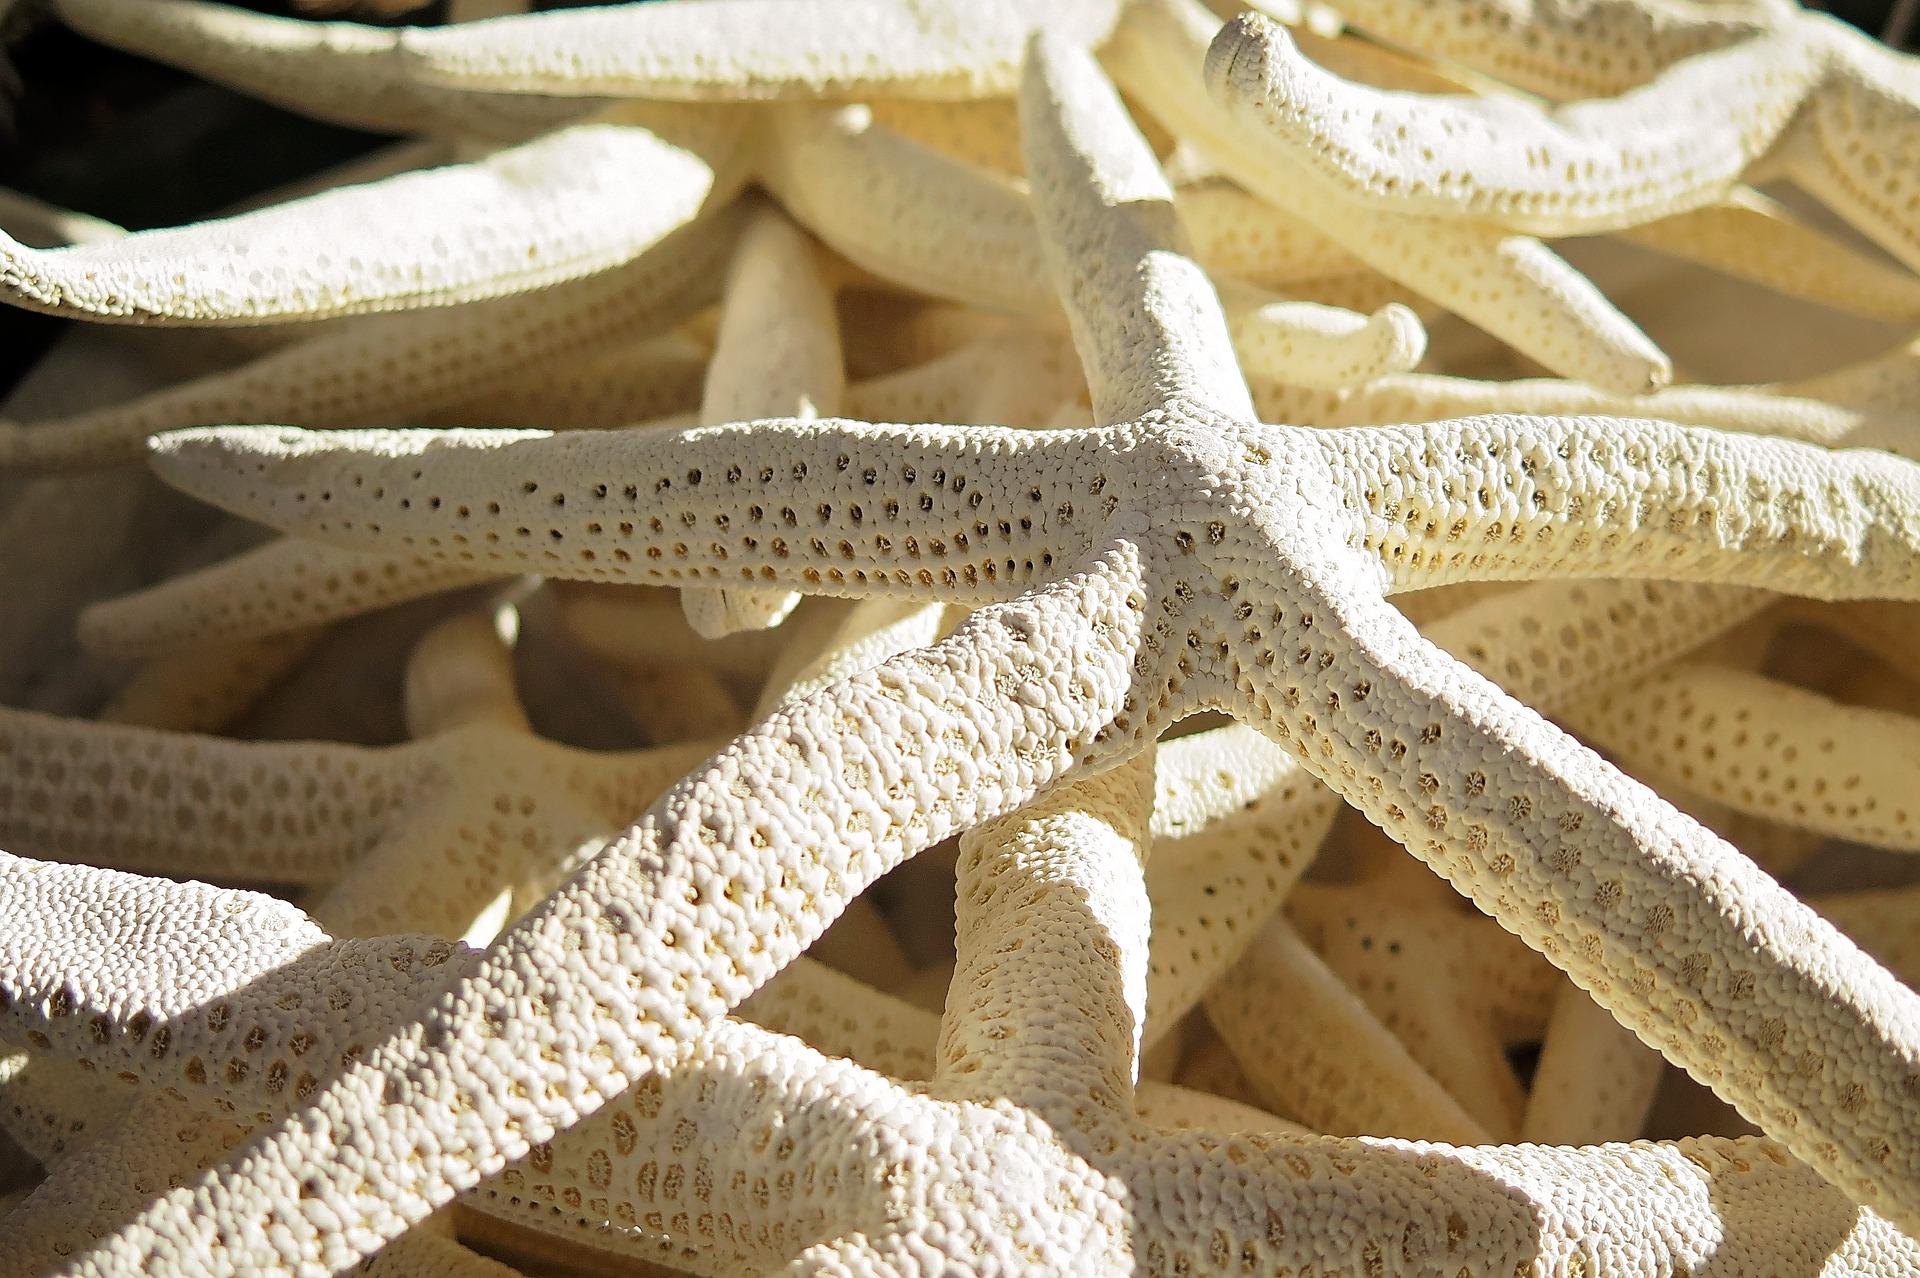 starfish-2064615_1920.jpg